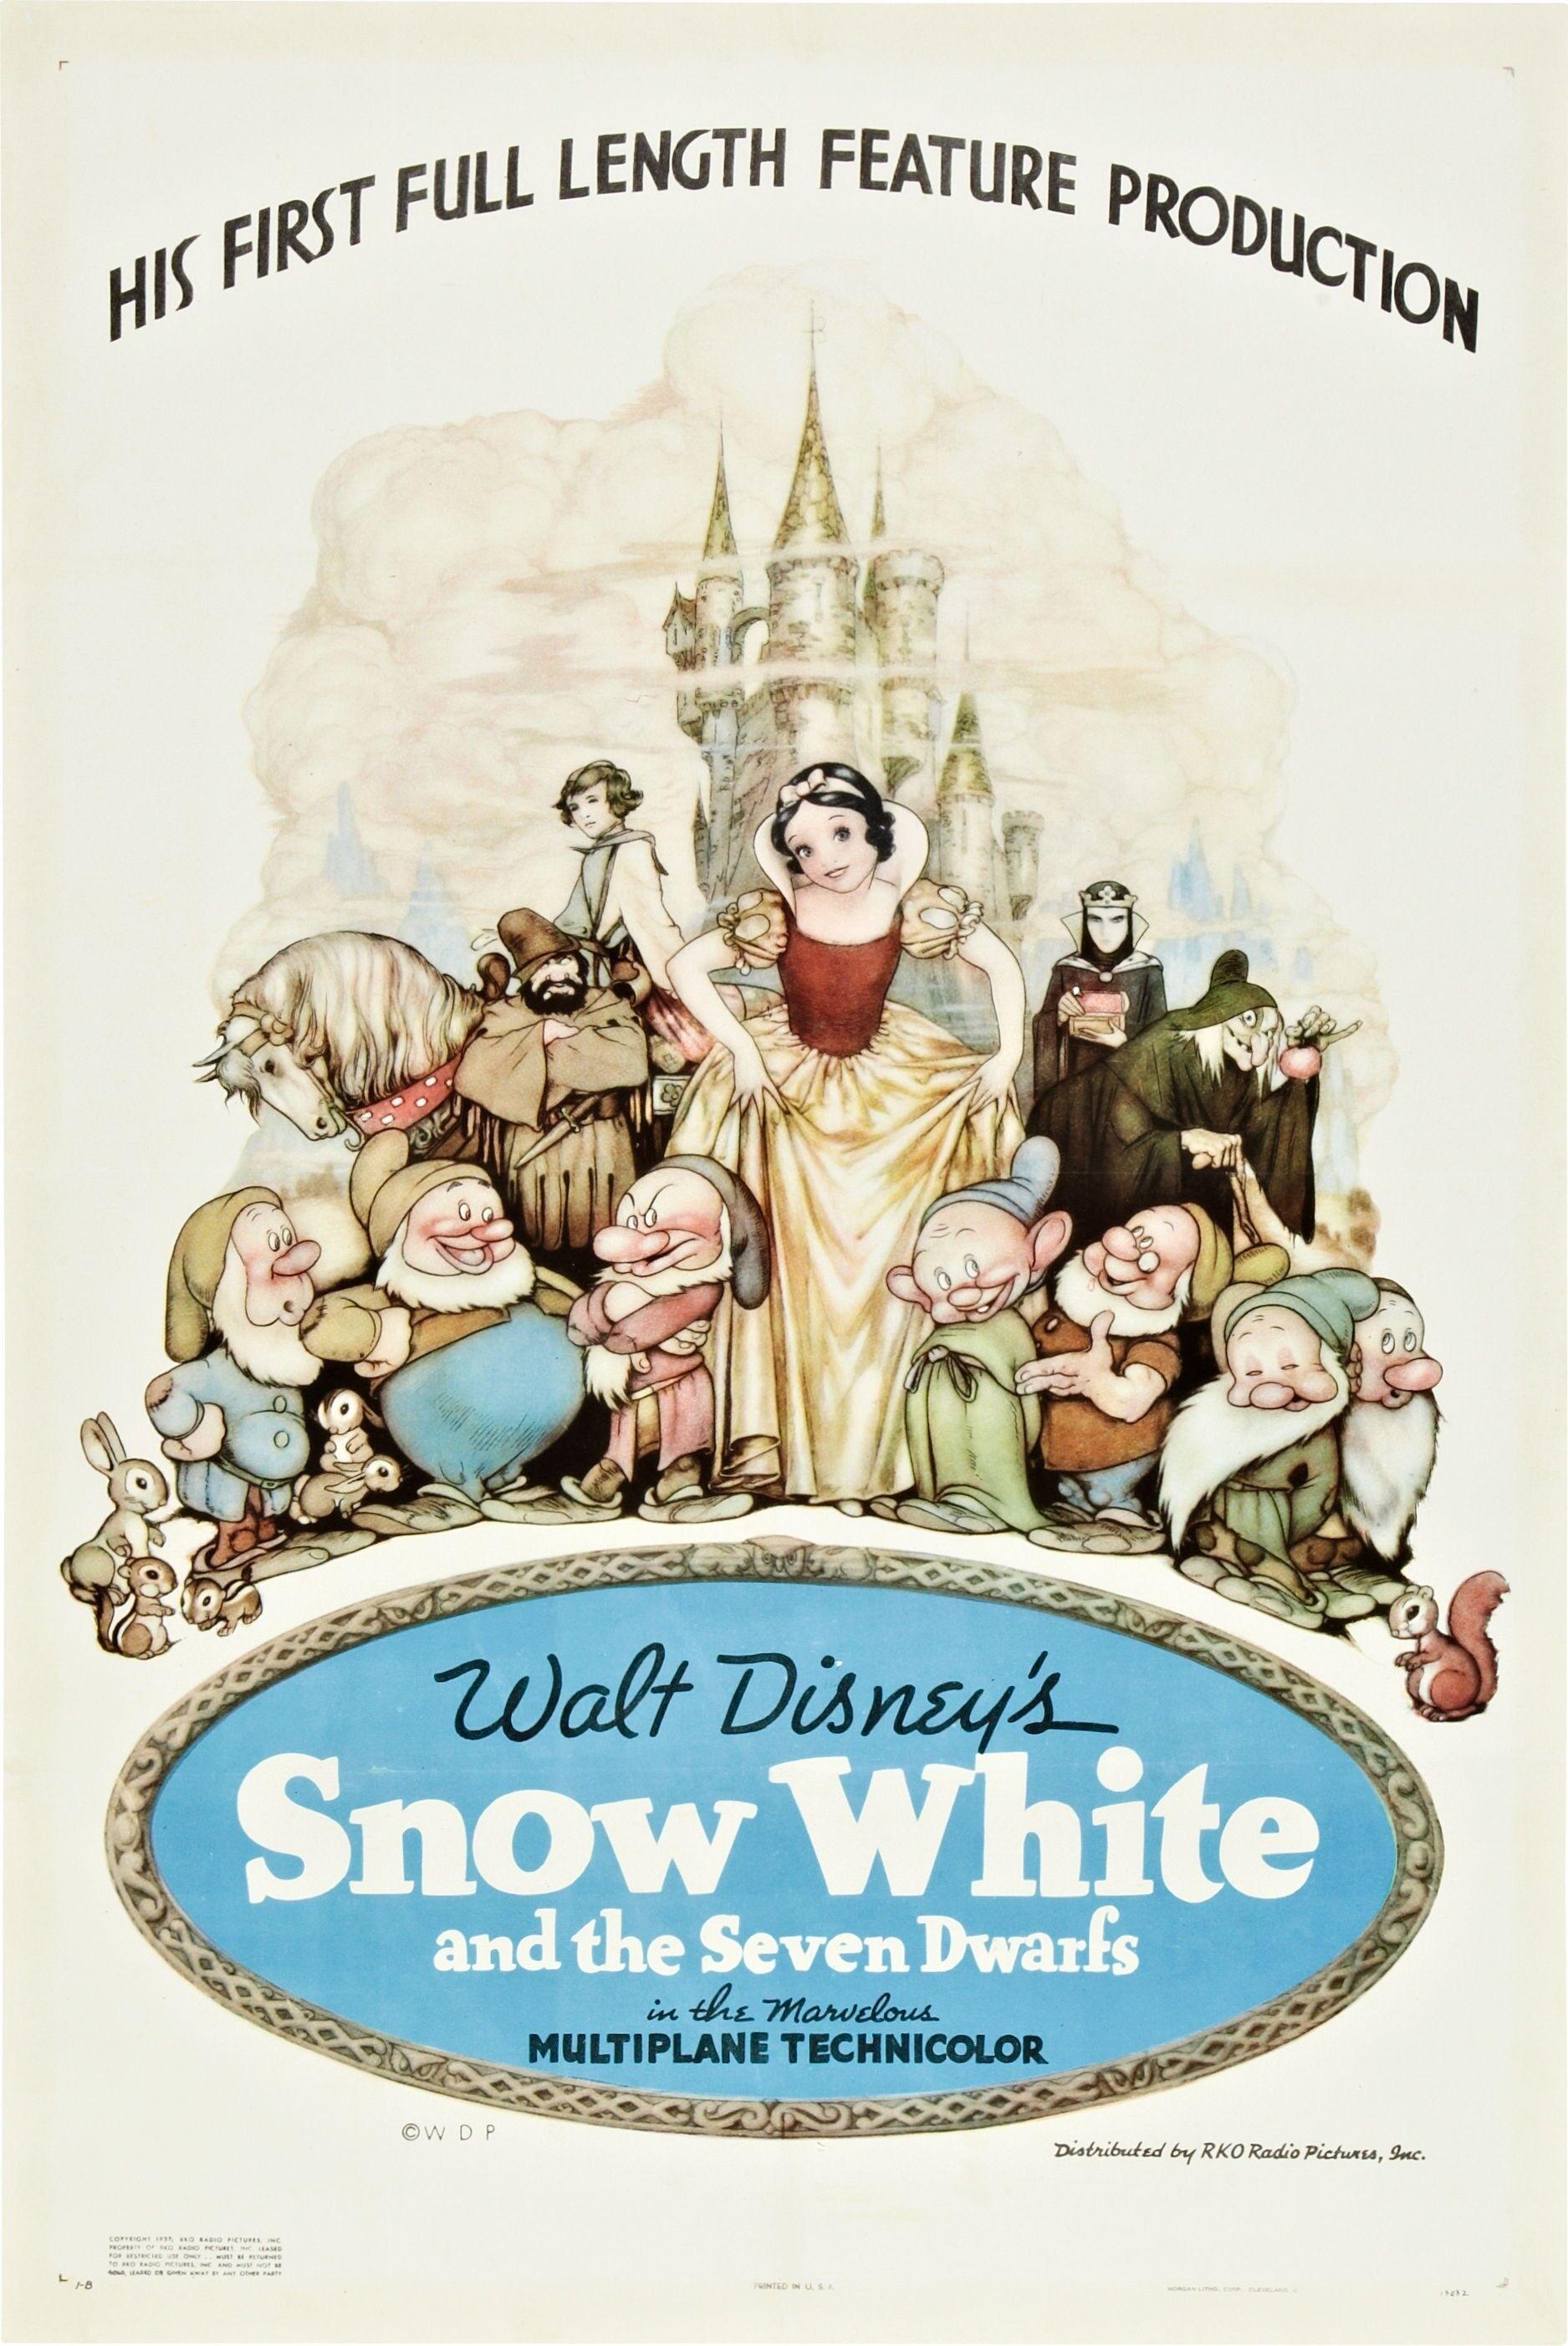 Snow white and the seven dwarfs disney wiki fandom powered by wikia